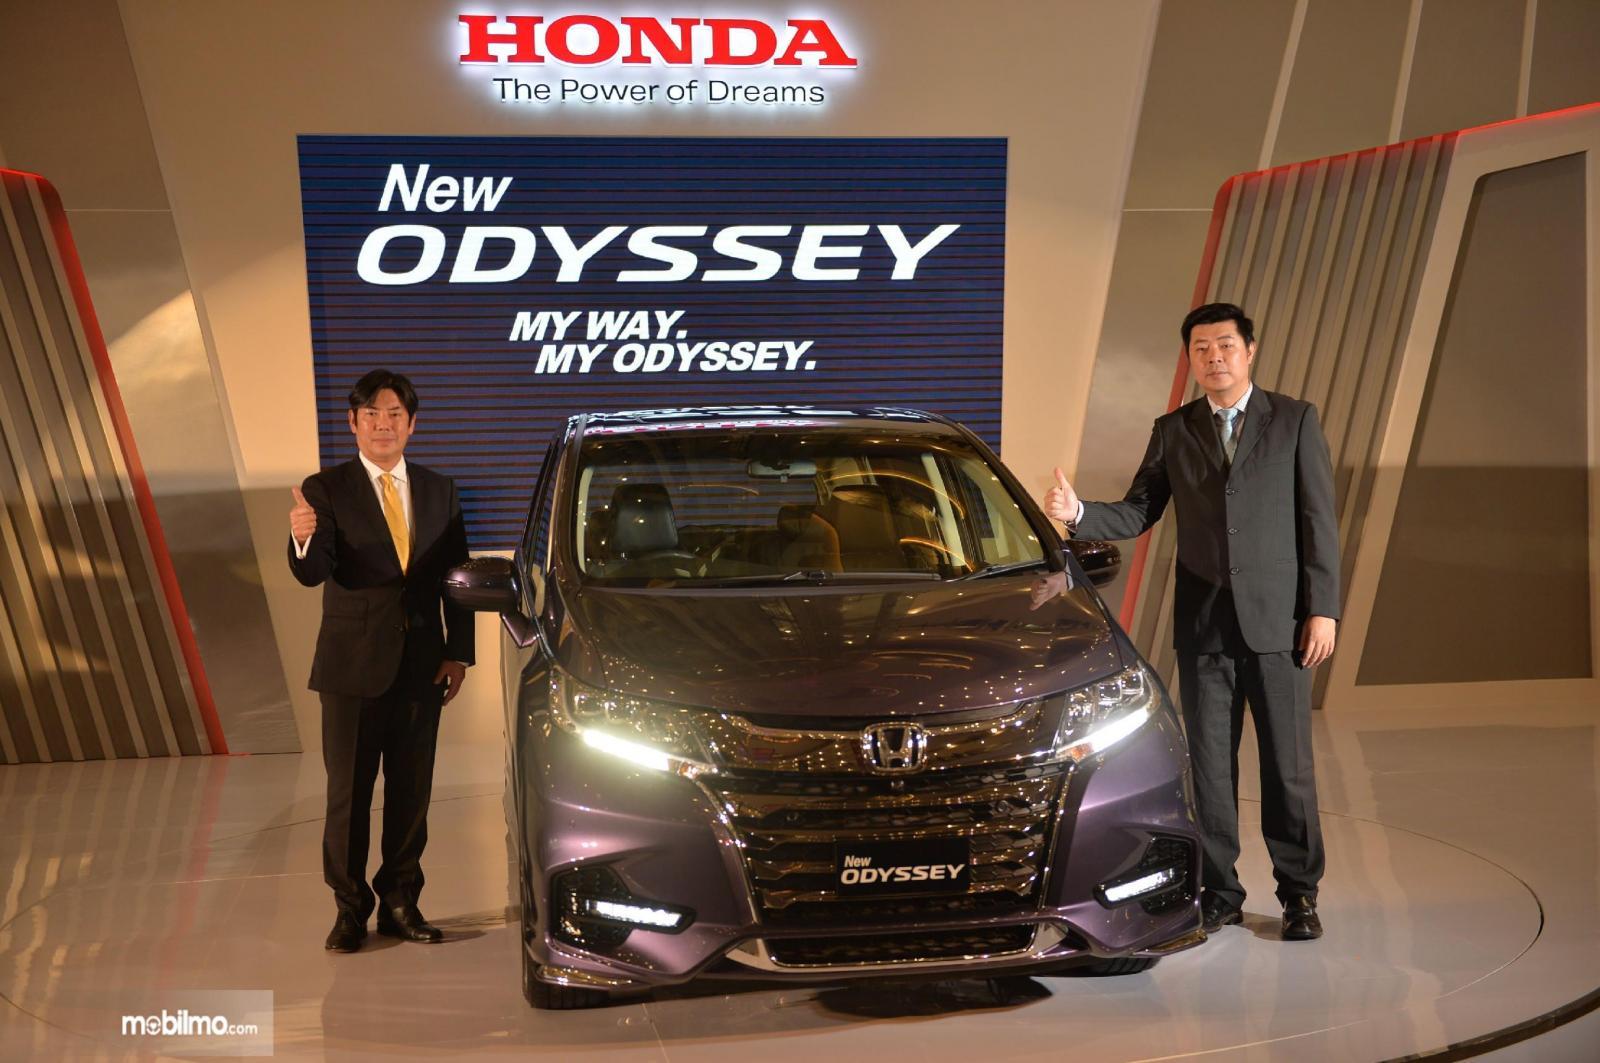 Foto Jonfis Fandy bersama Honda Odyssey